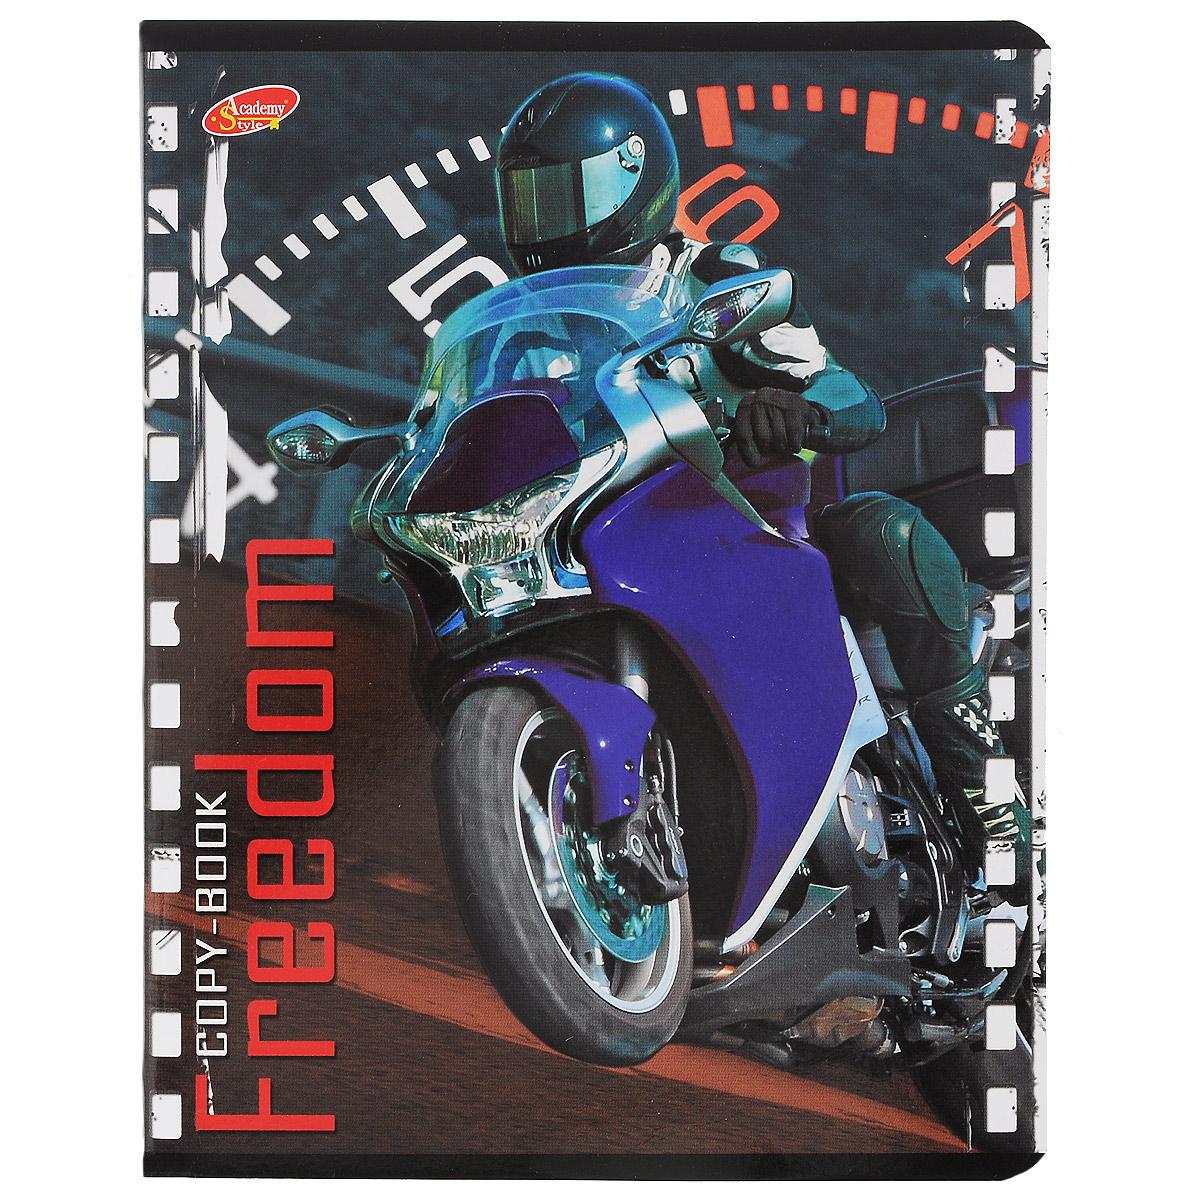 Тетрадь Freedom Мотоцикл, 80 листов, формат А5, цвет: фиолетовый72523WDТетрадь в клетку Freedom Мотоцикл с красочным изображением мотоцикла на обложке подойдет как студенту, так и школьнику. Обложка тетради с закругленными углами выполнена из картона. Внутренний блок состоит из 80 листов белой бумаги. Стандартная линовка в клетку дополнена полями, совпадающими с лицевой и оборотной стороны листа.